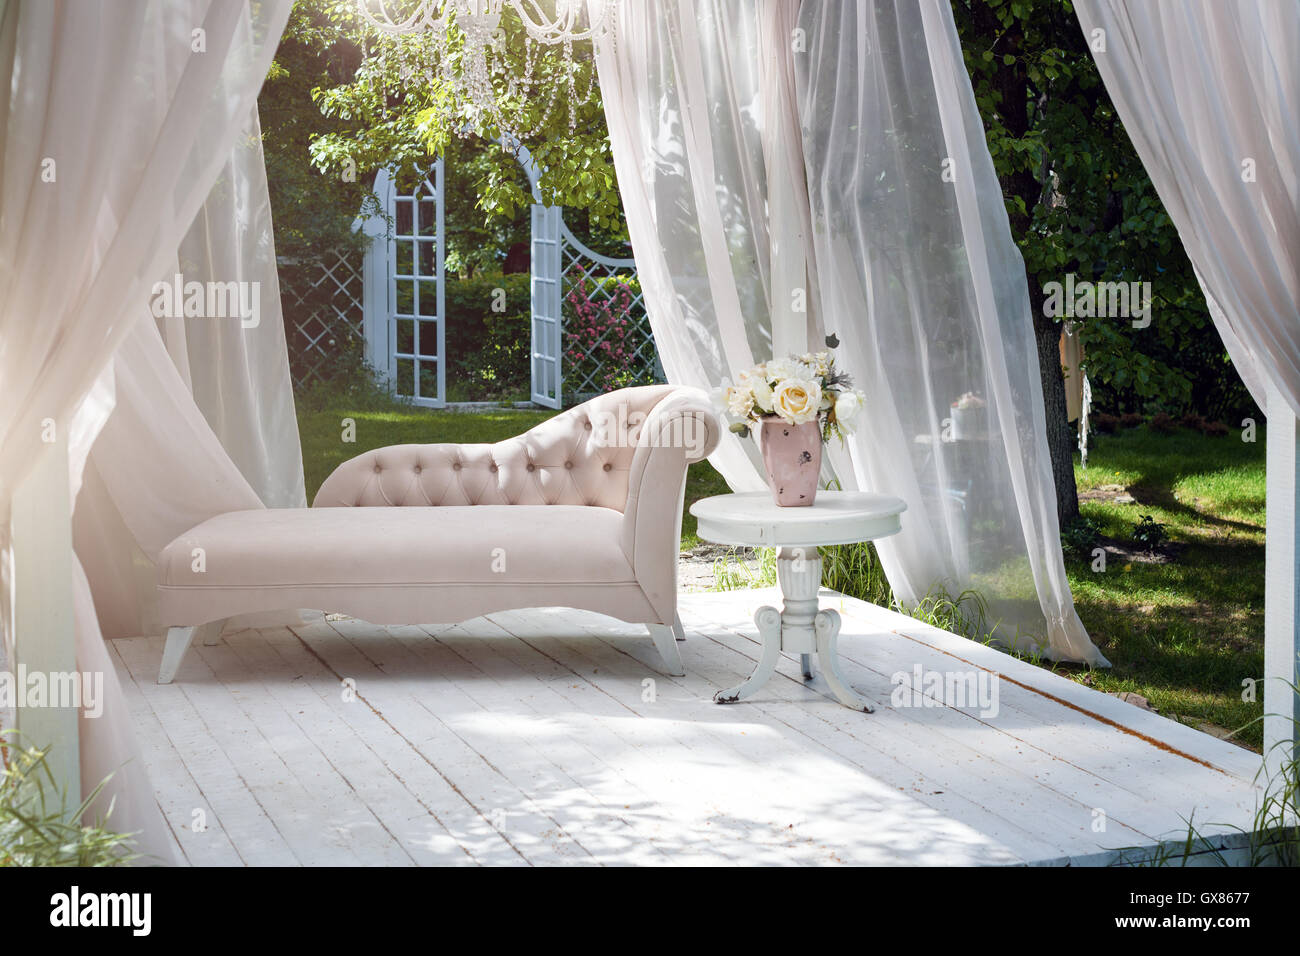 Estate giardino gazebo con tende e divano per il relax foto